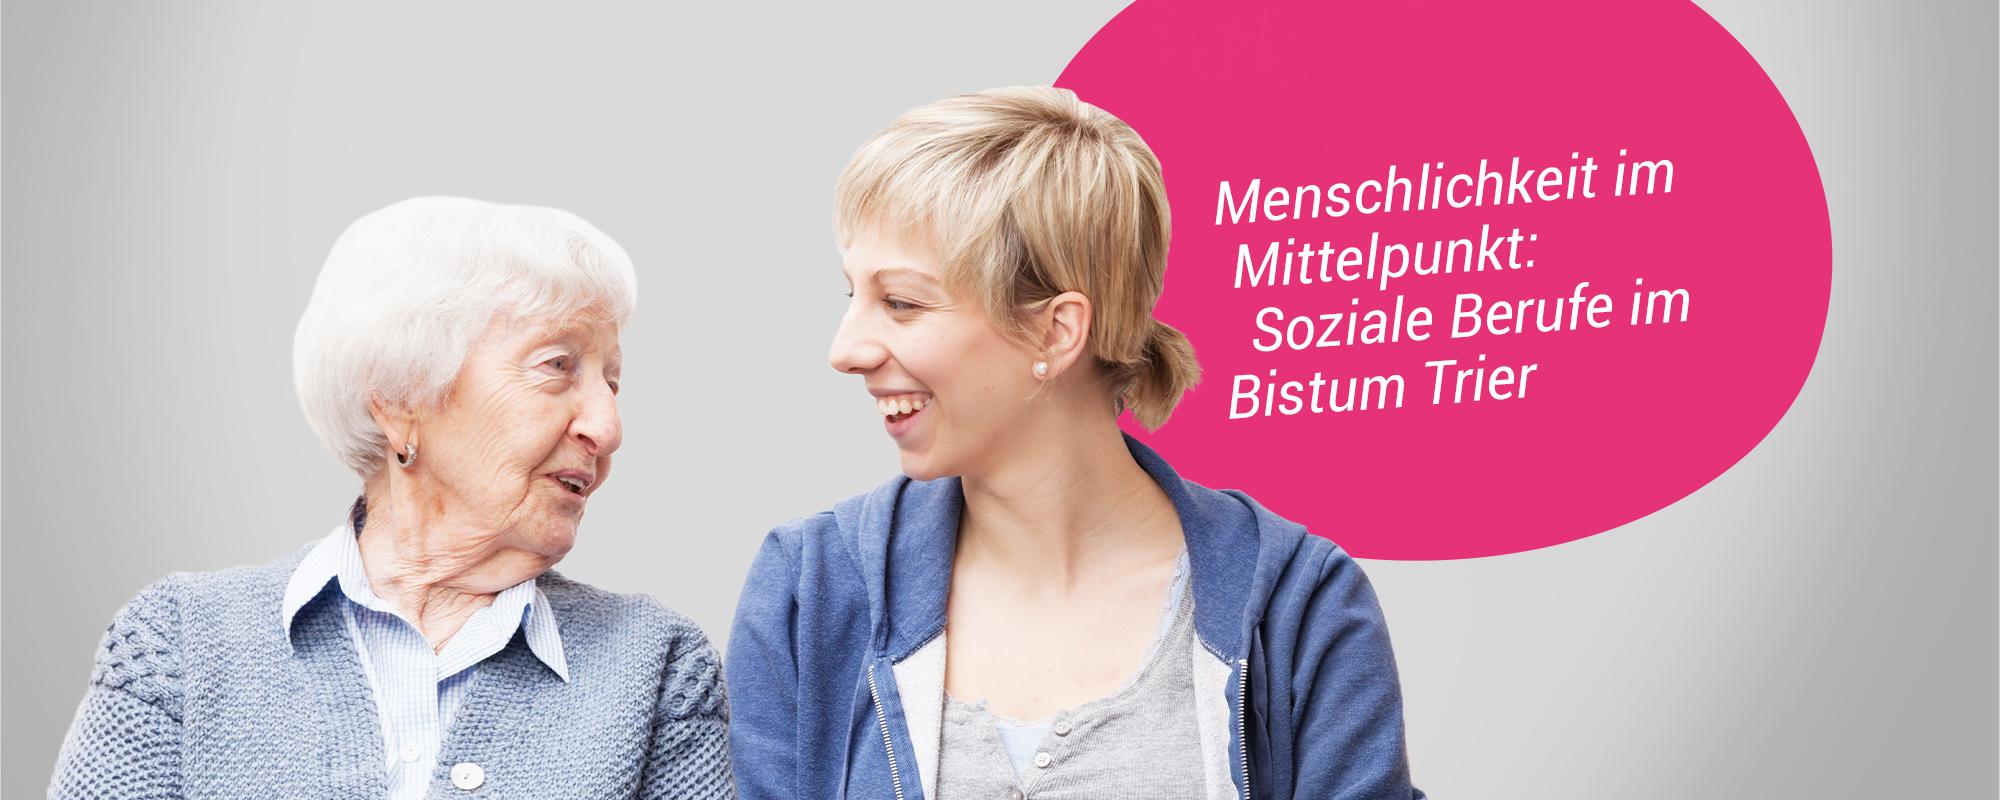 Eine junge Frau unterhält sich mit einer alten Dame. Beide schauen sich lachend an.